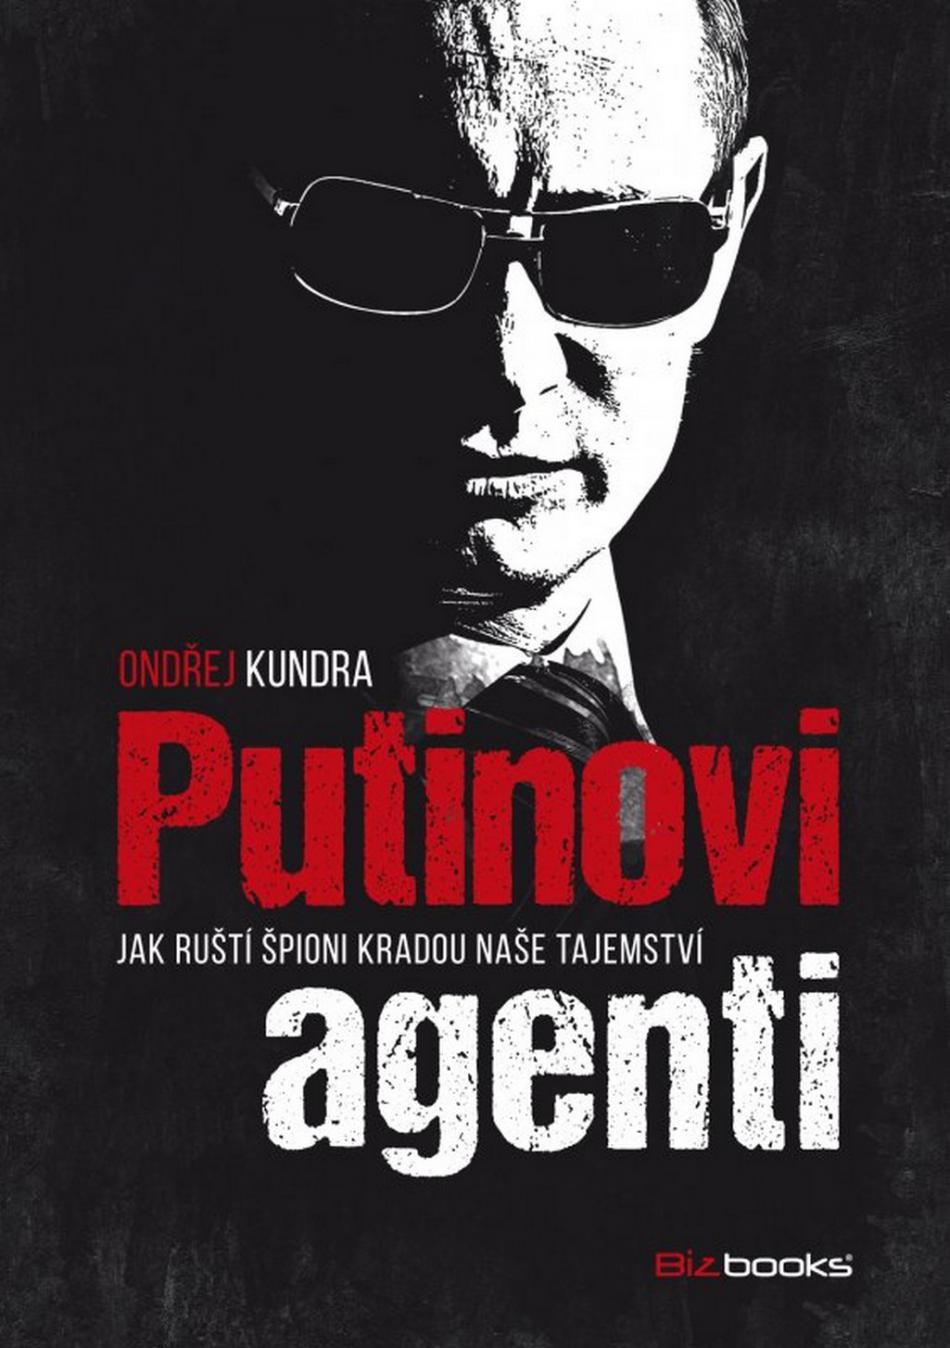 Putinovi agenti